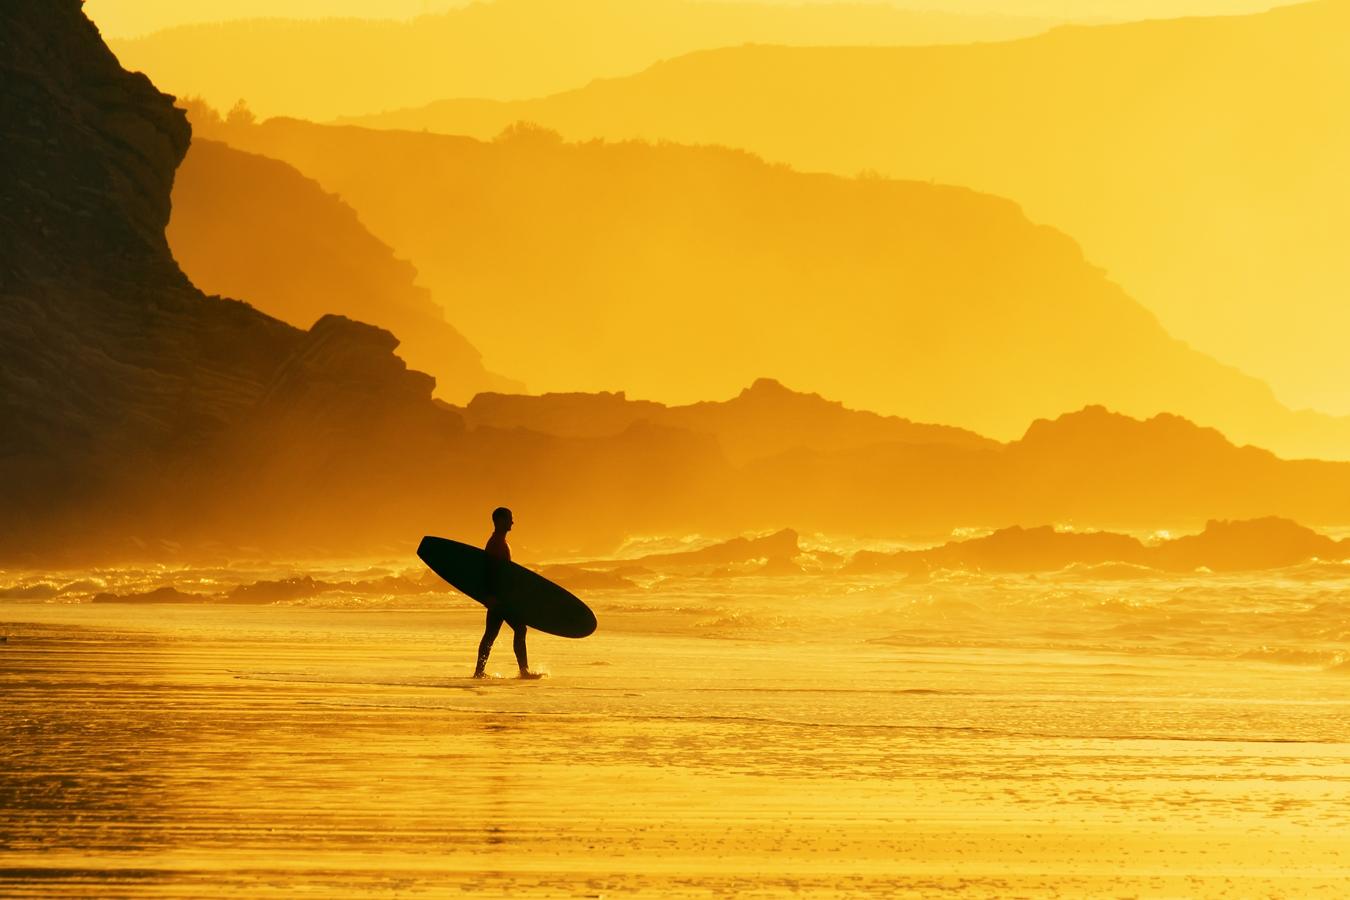 - 09:00: Desayuno [todo el mundo a la vez]10:00: Clases de surf.18:00: Torneo de Voley playa, habrá premios para el equipo ganador.